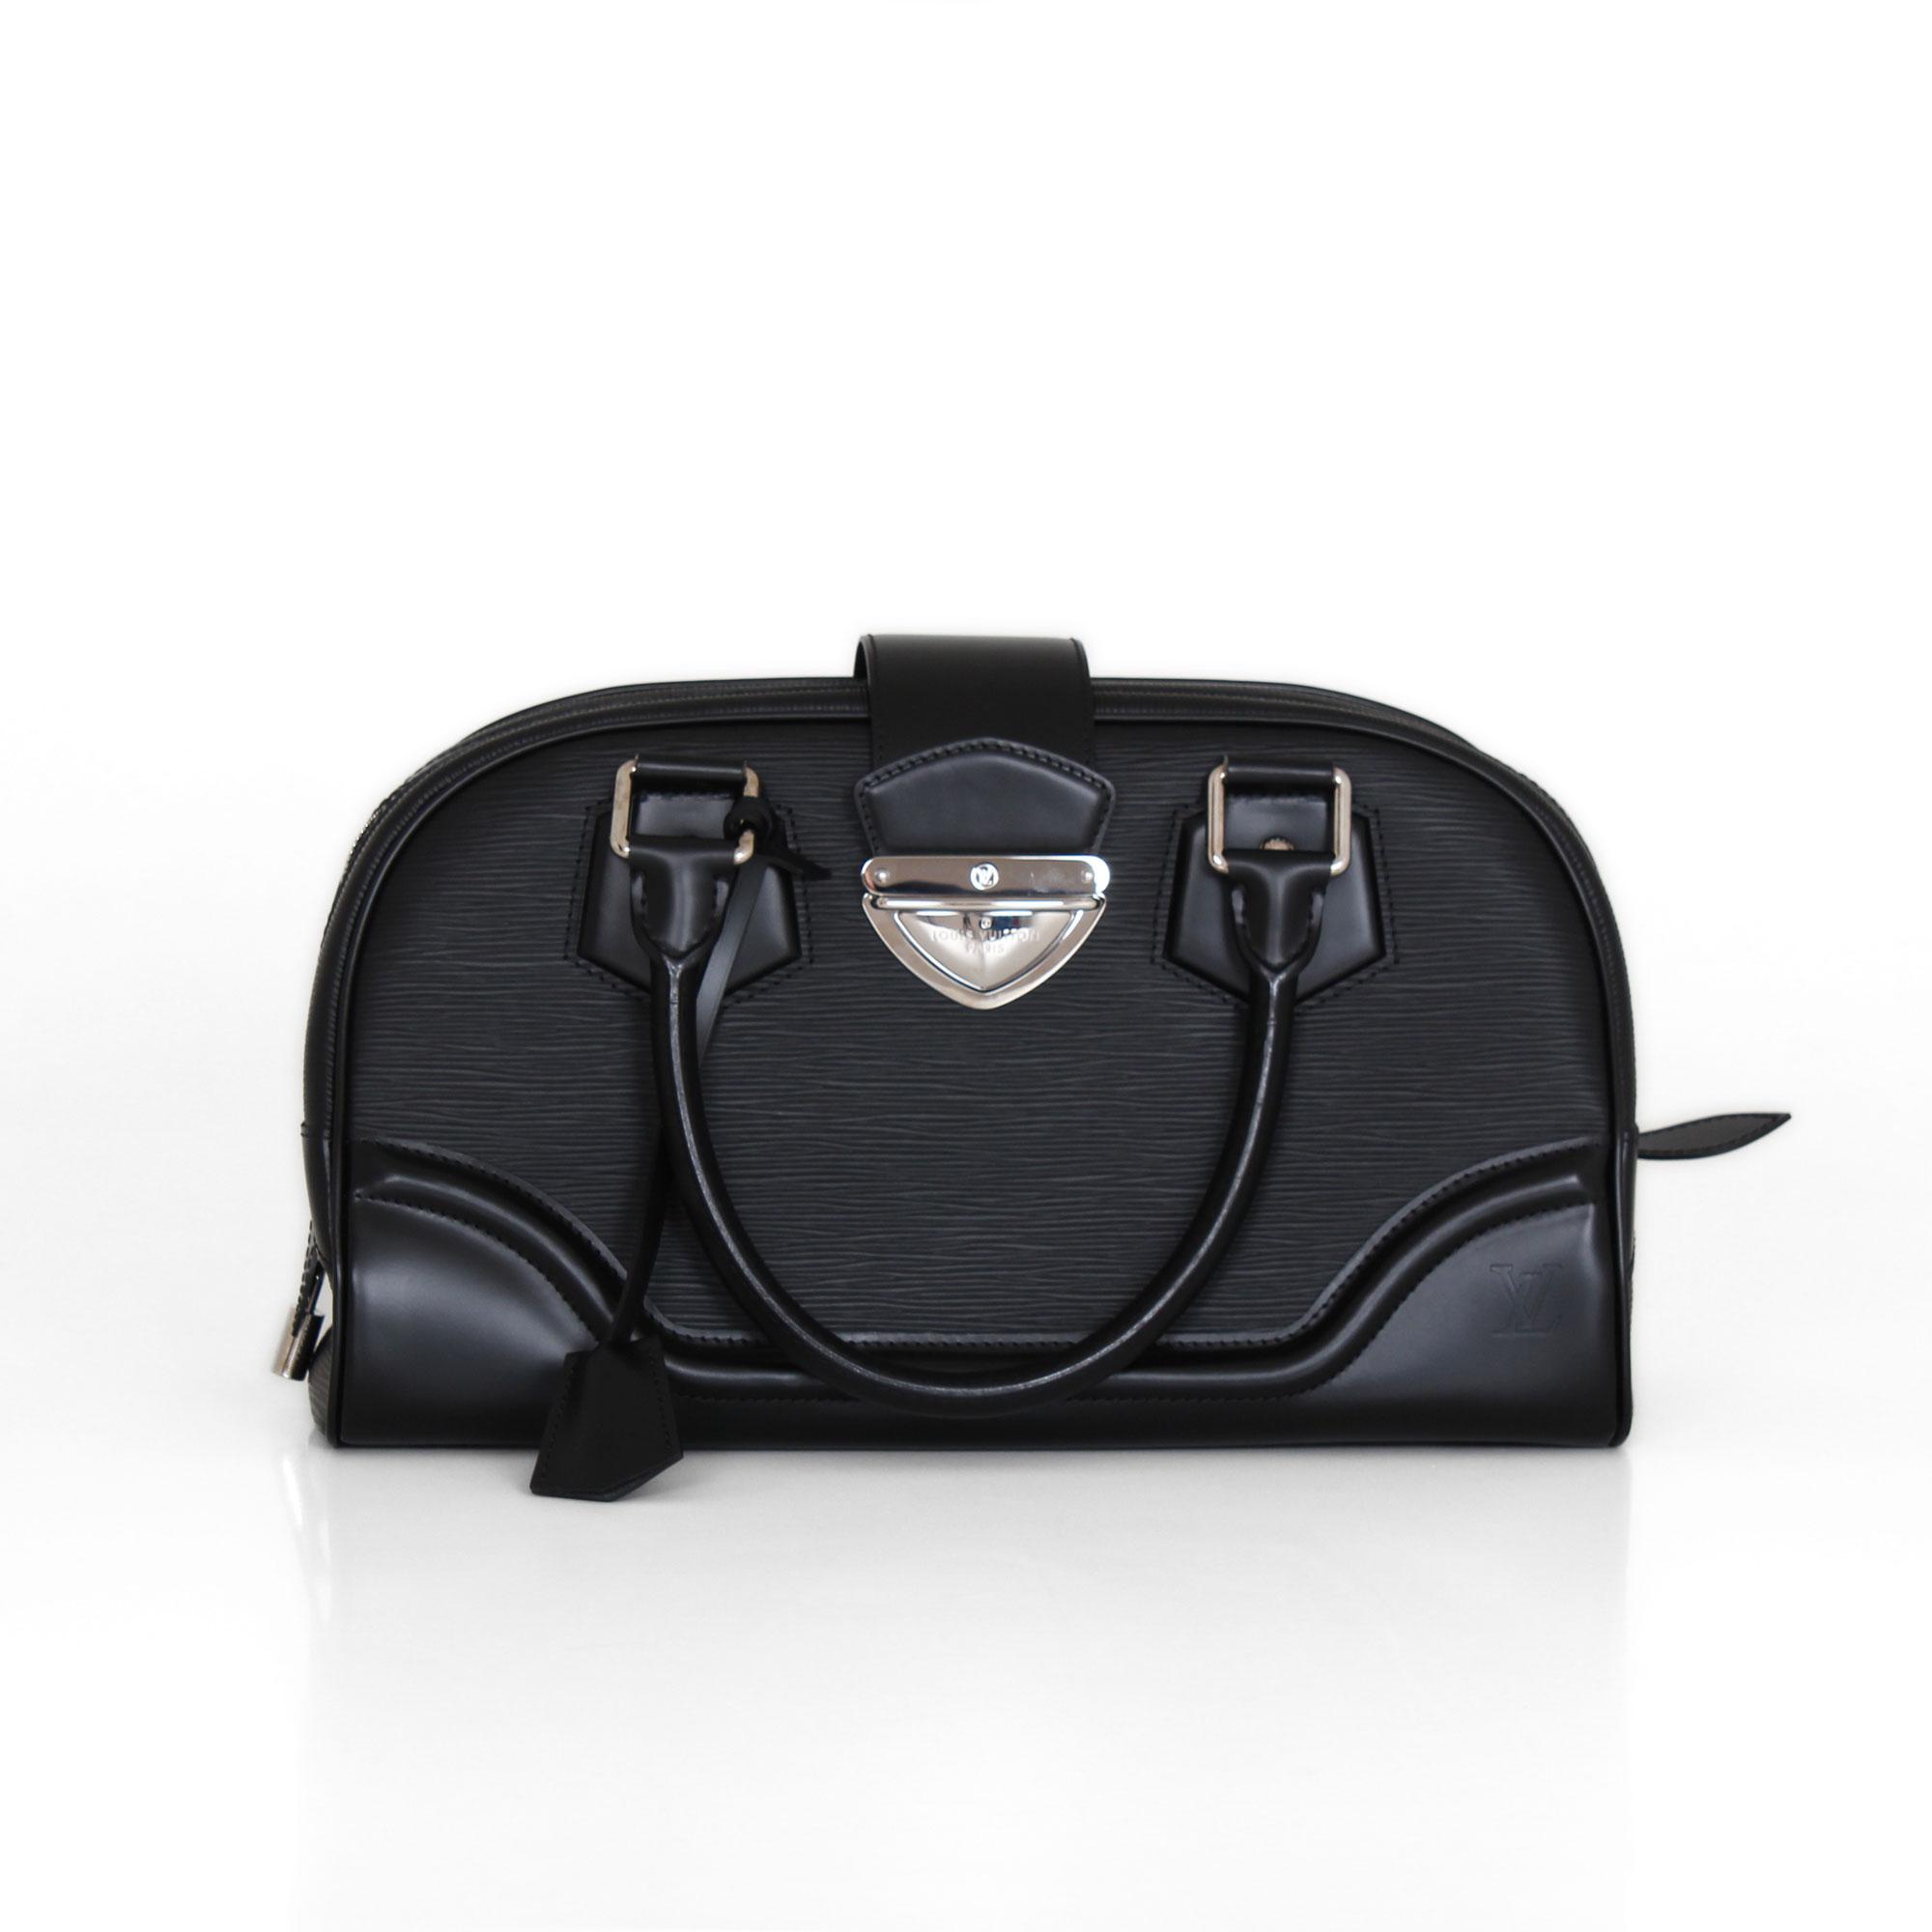 Bolso Louis Vuitton. Louis Vuitton handbag 53f4023416de6